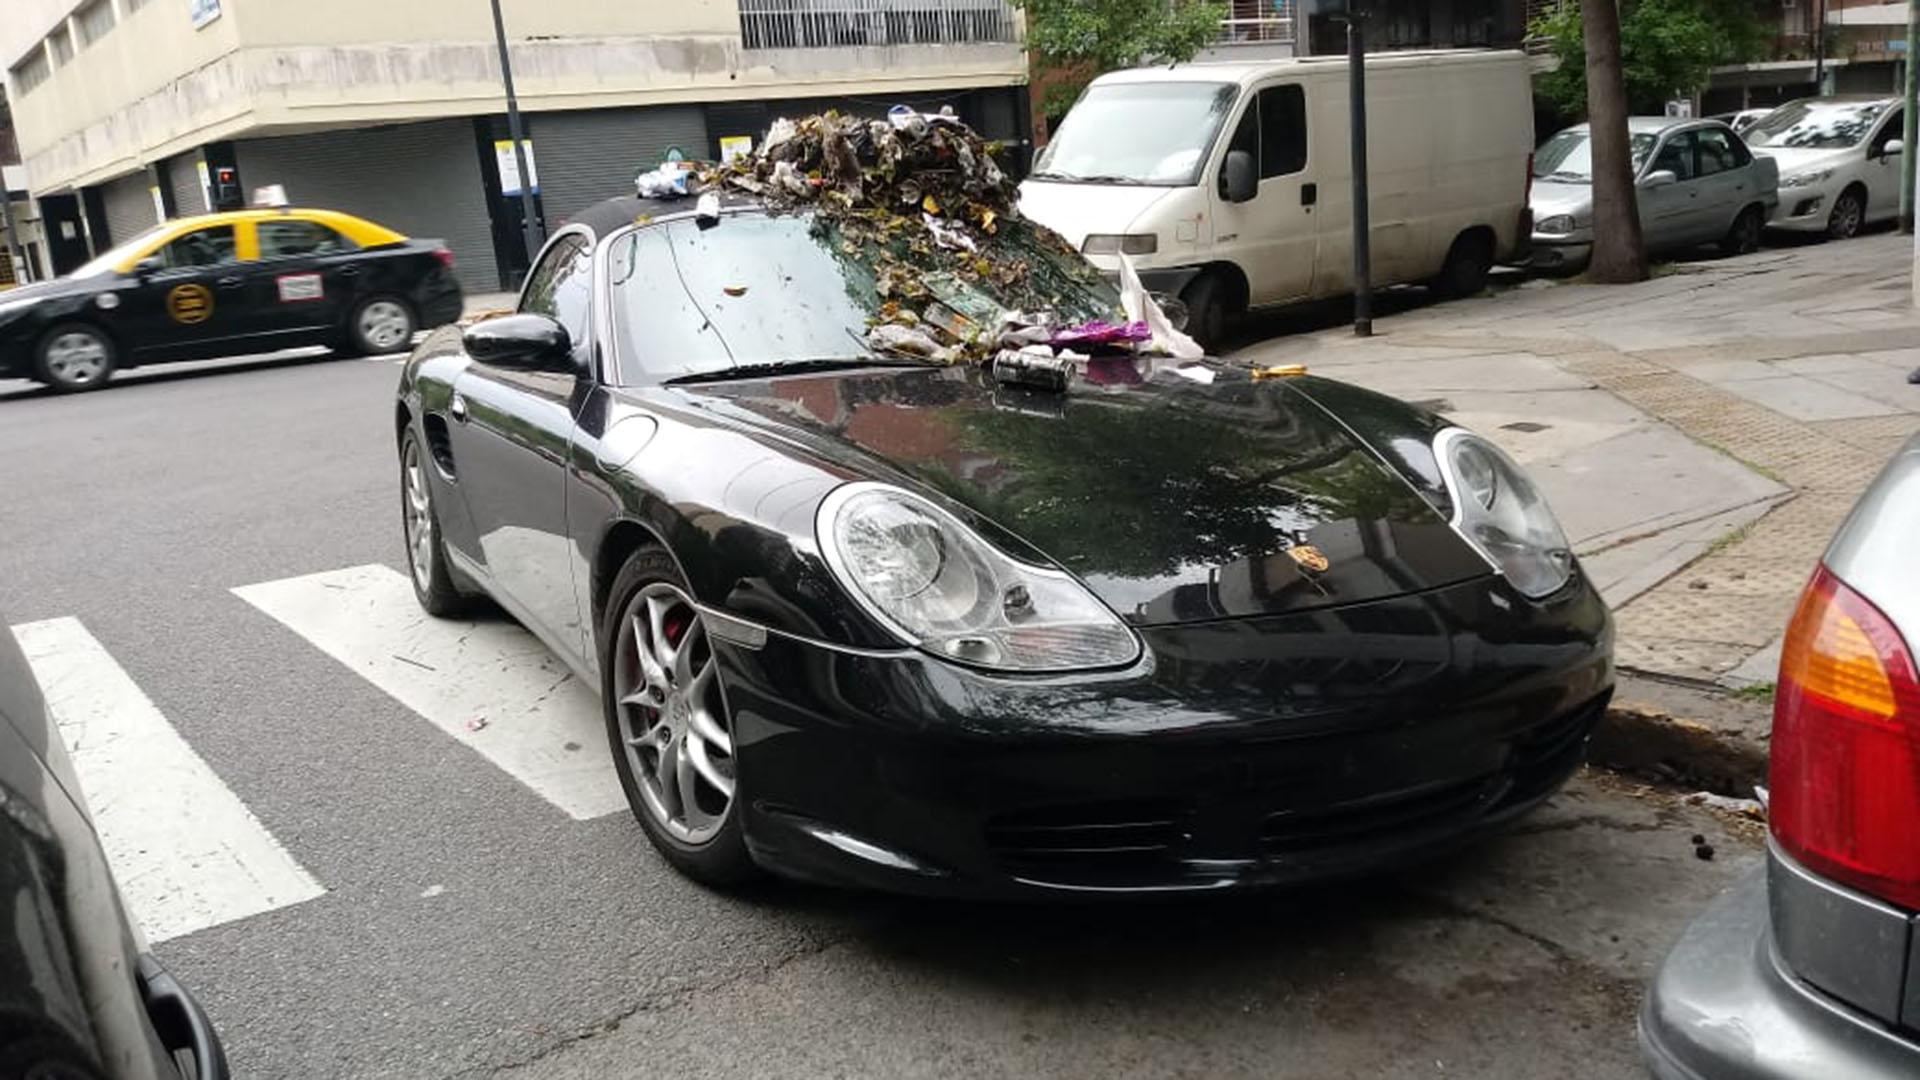 La imagen del Porsche estacionado en la esquina y coronado con una pila de basura (Twitter: @TransitoTwiit)